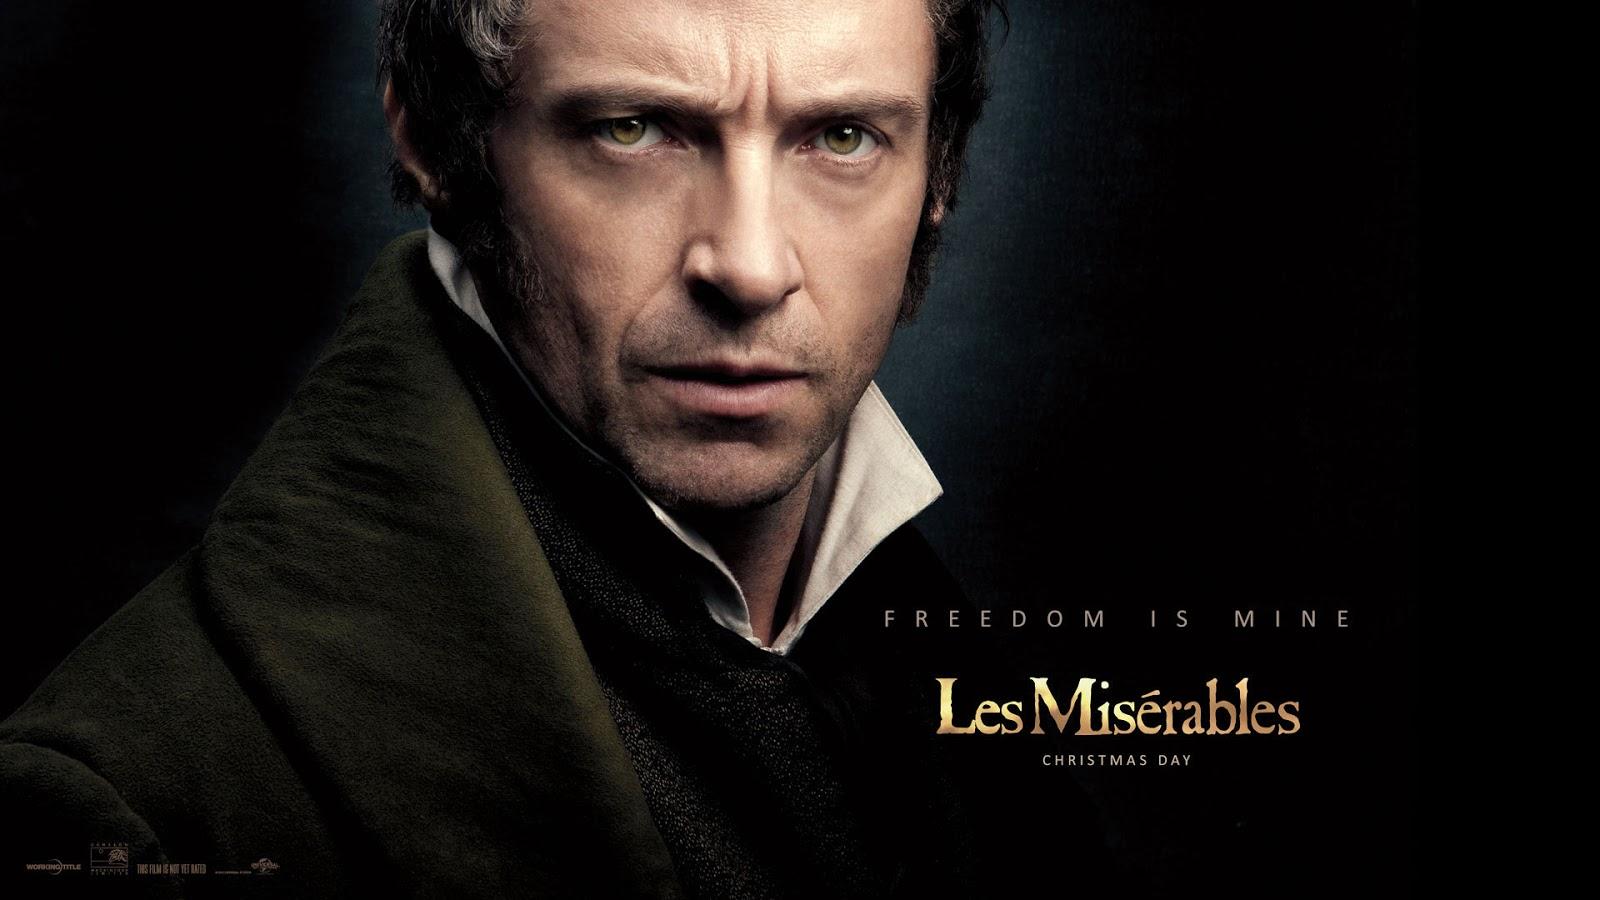 http://2.bp.blogspot.com/-bIqpXzTMNOk/UPOO4FhqxQI/AAAAAAAABms/1cOBttTPQhE/s1600/Os-Miseraveis-Hugh-Jackman-poster.jpg